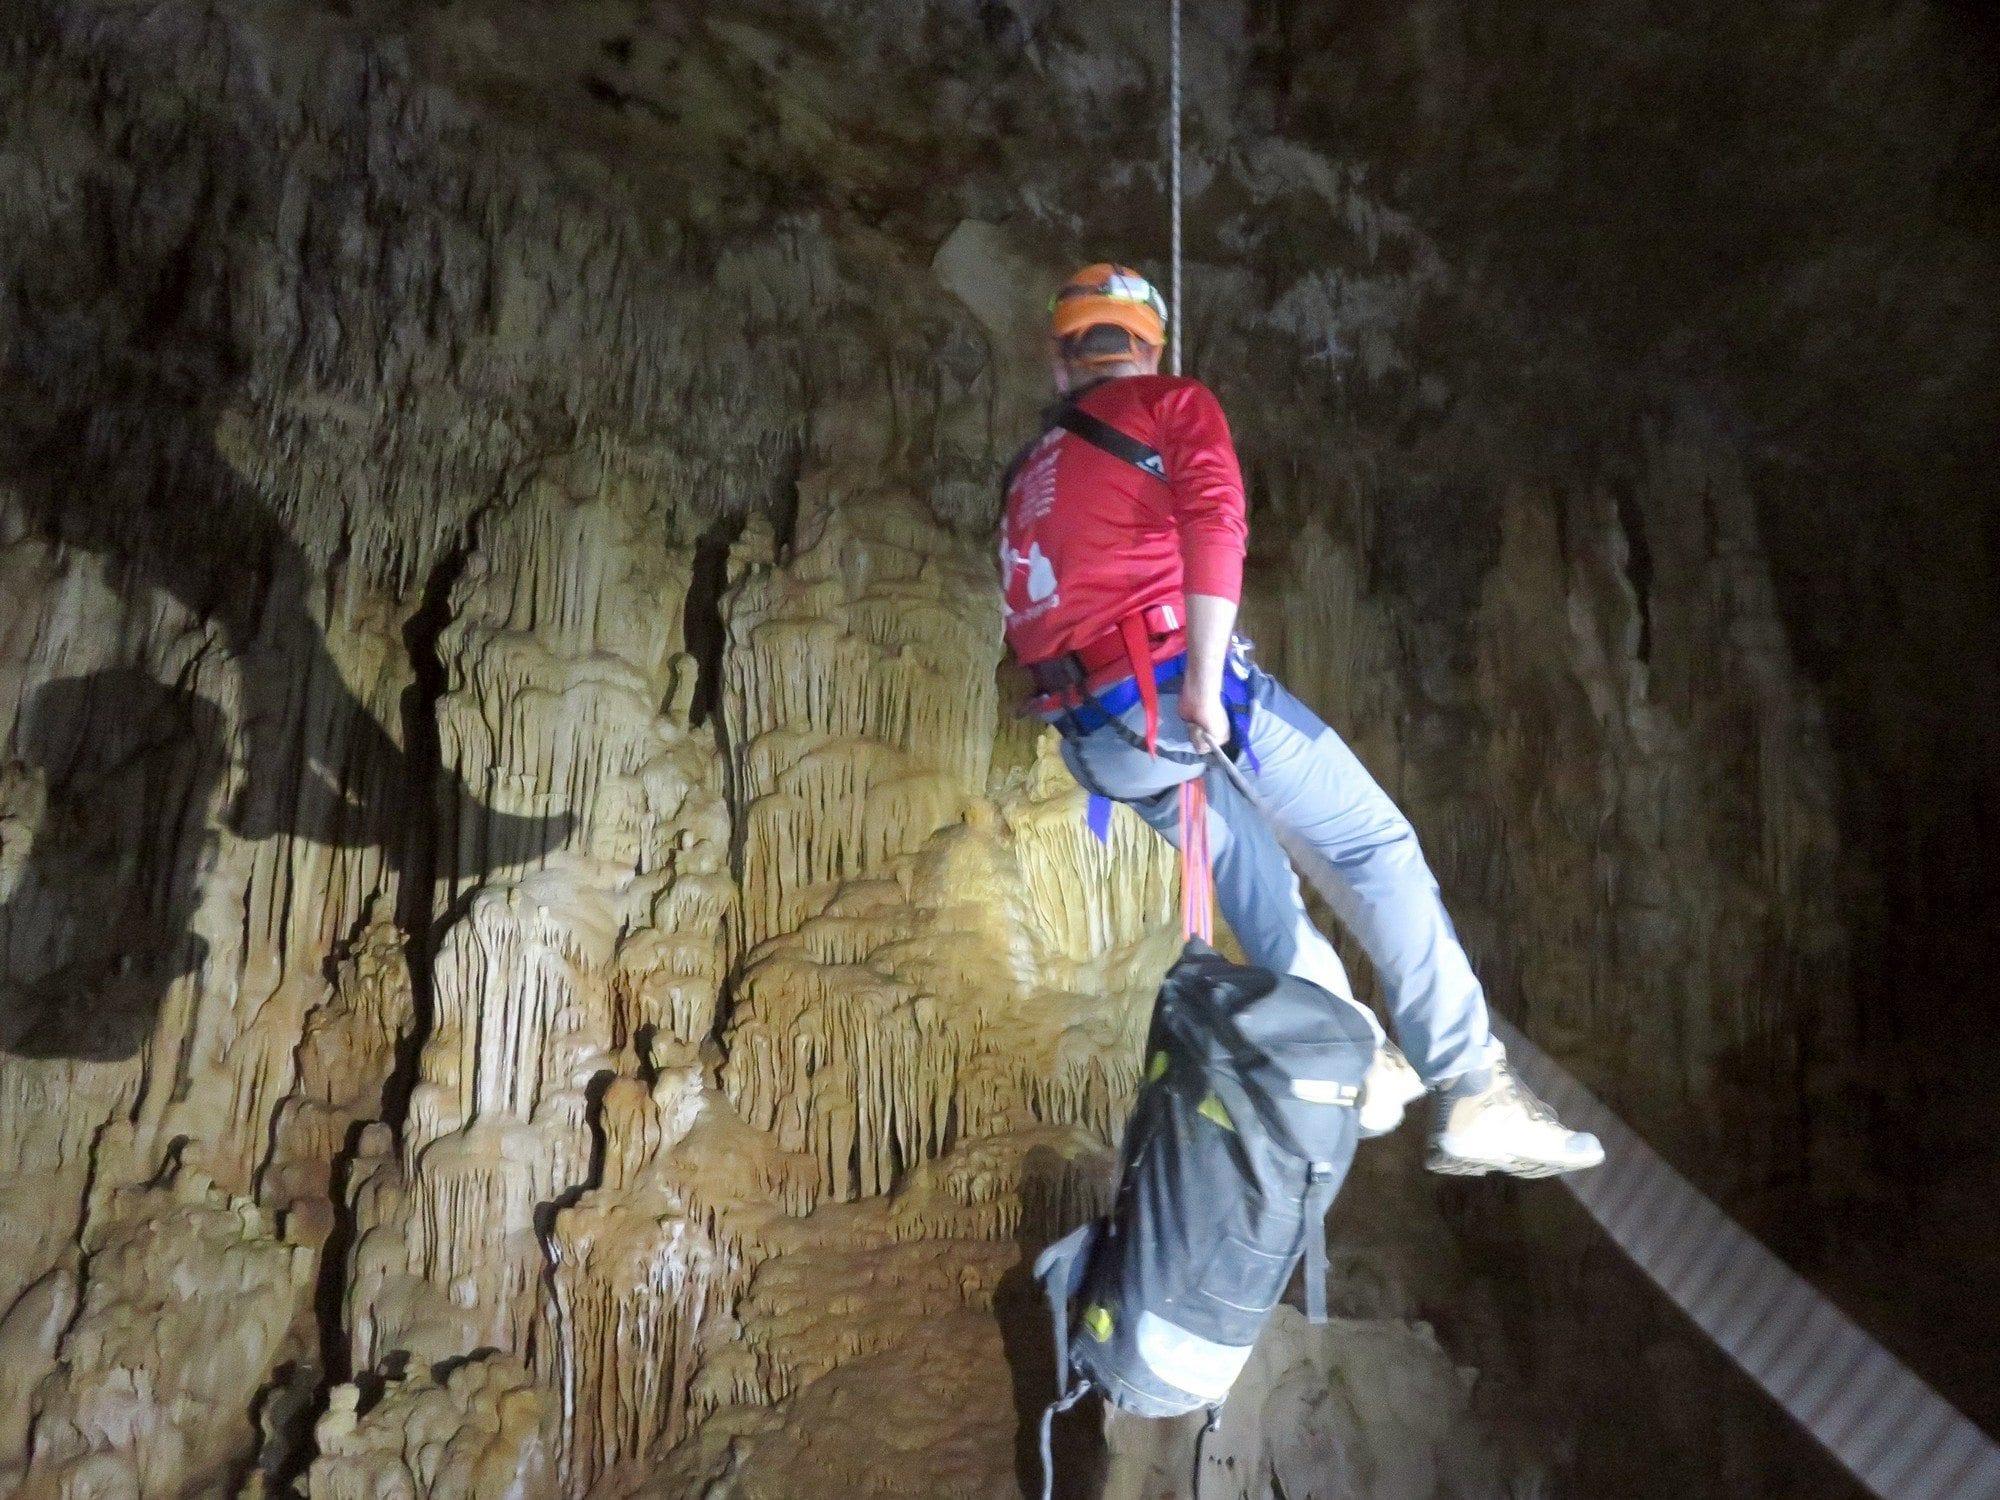 טיול סנפלינג למערה עם ערוצים בטבע